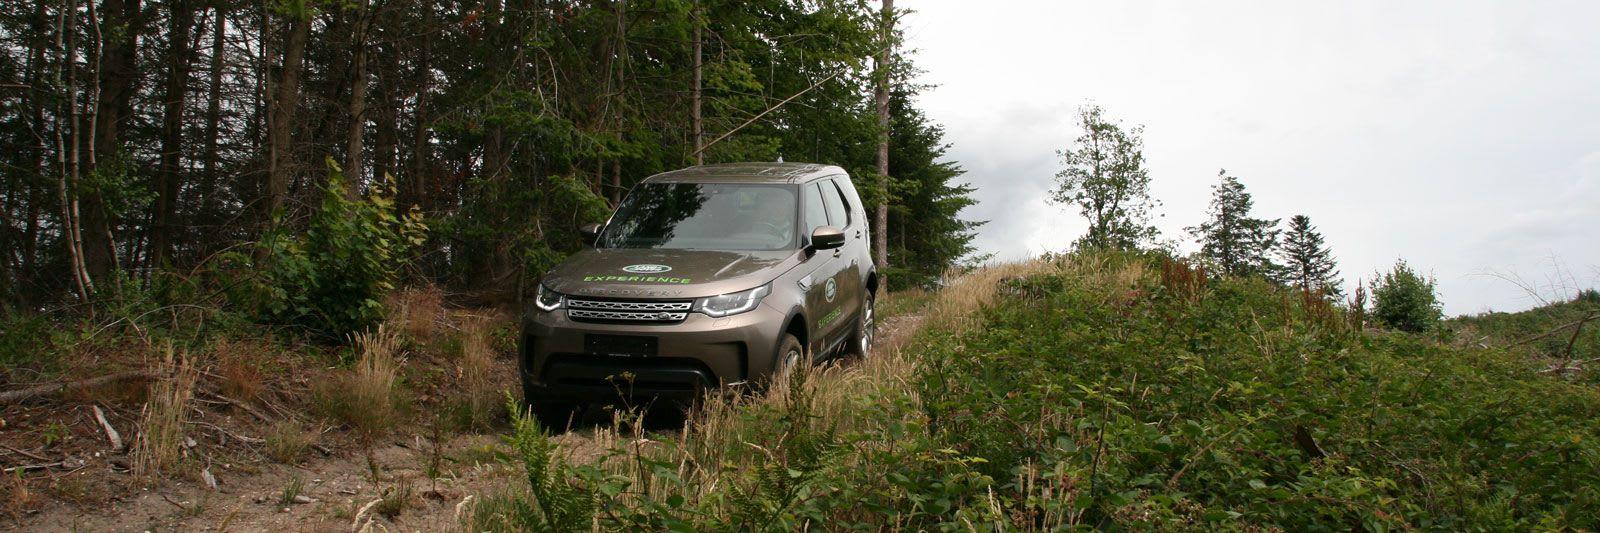 <br>Prøv en Land Rover i terræn.<br>